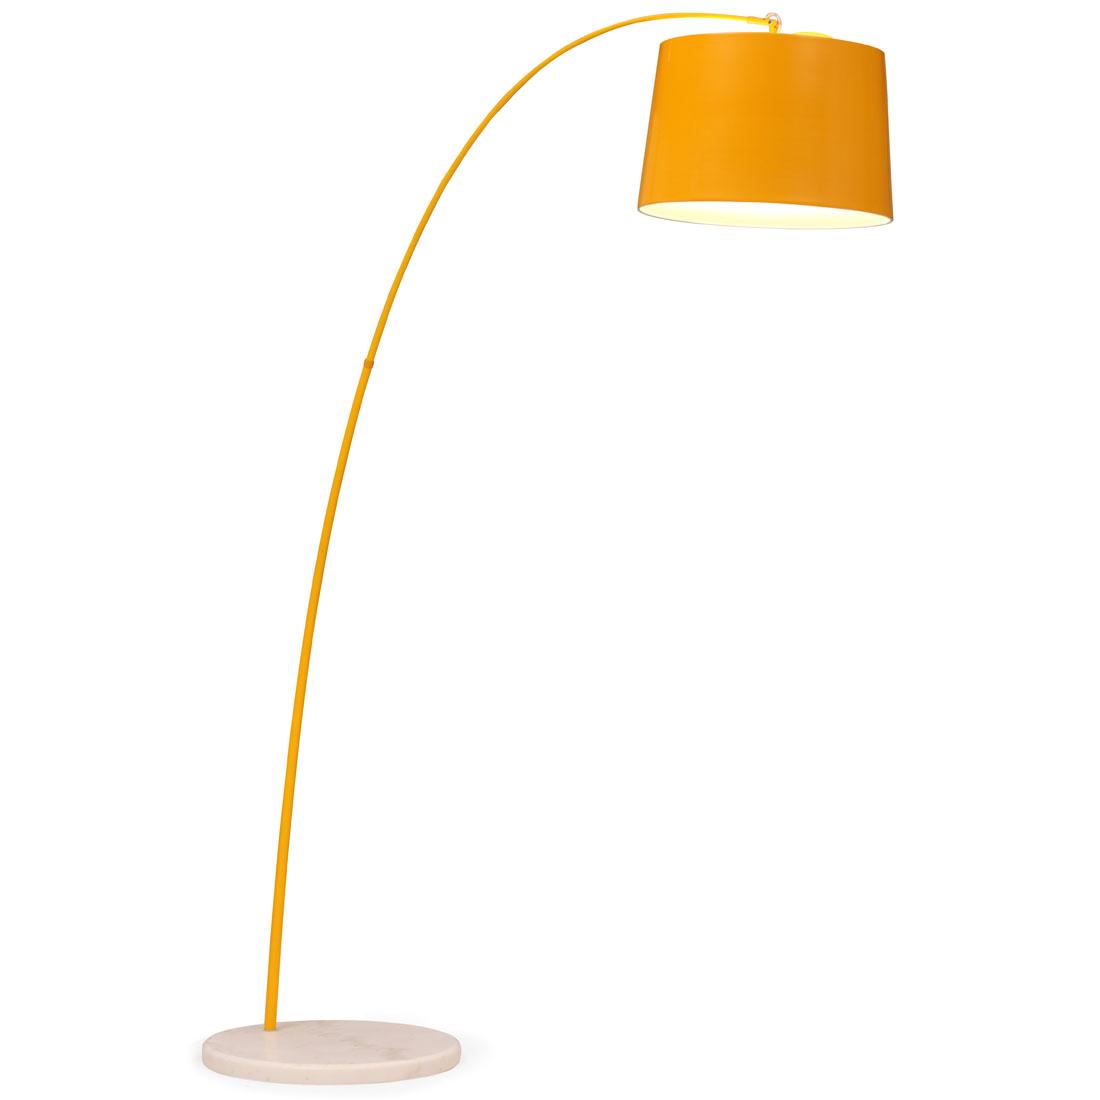 retro yellow floor lamp with copper stem 2f9c c13a3c5